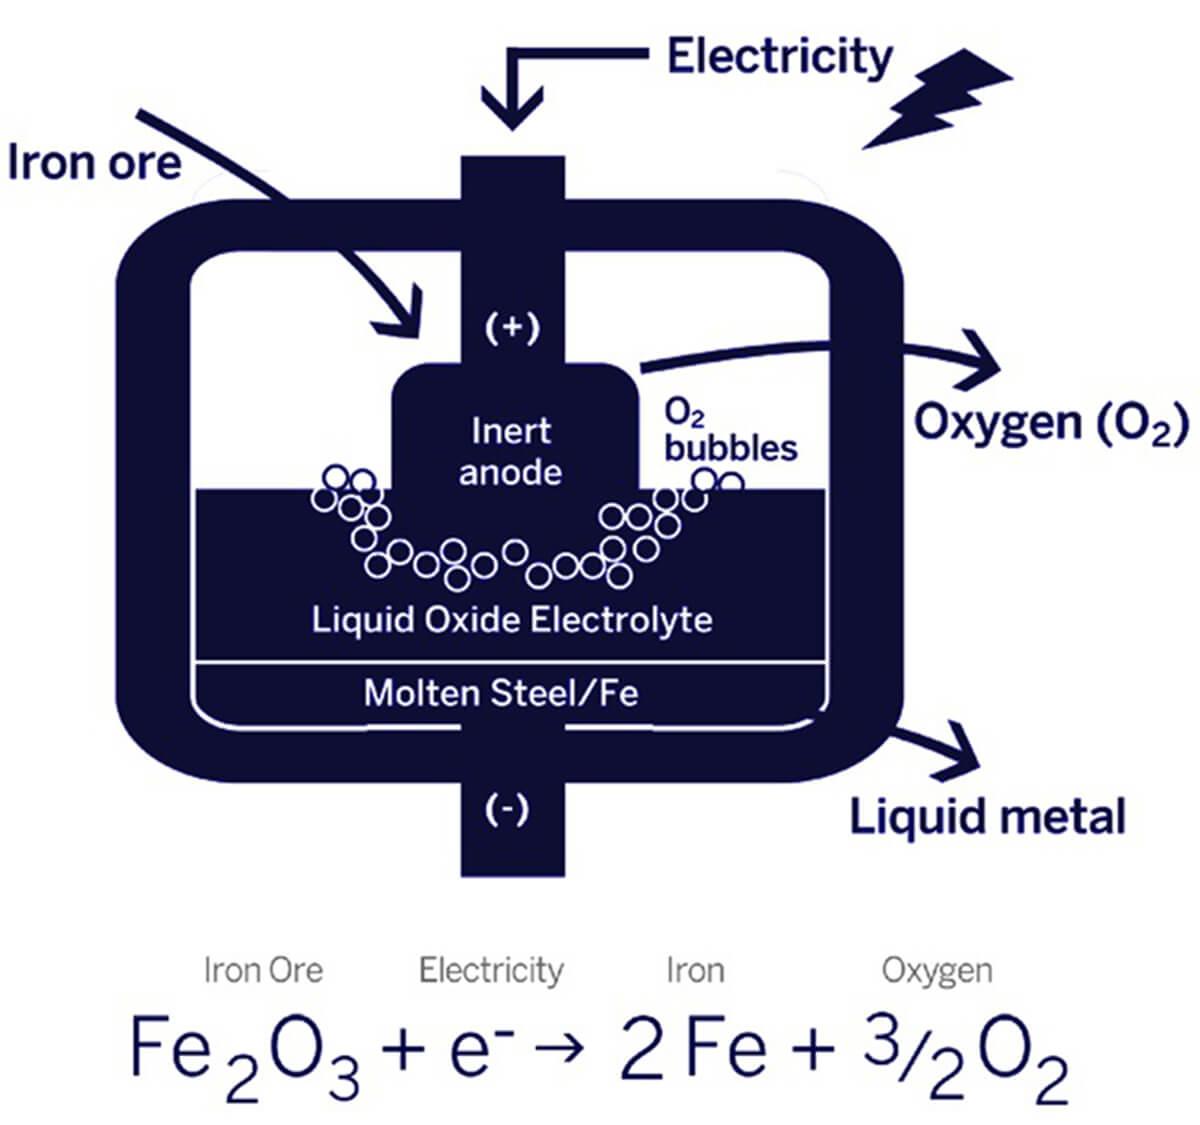 meo-diagram.jpg